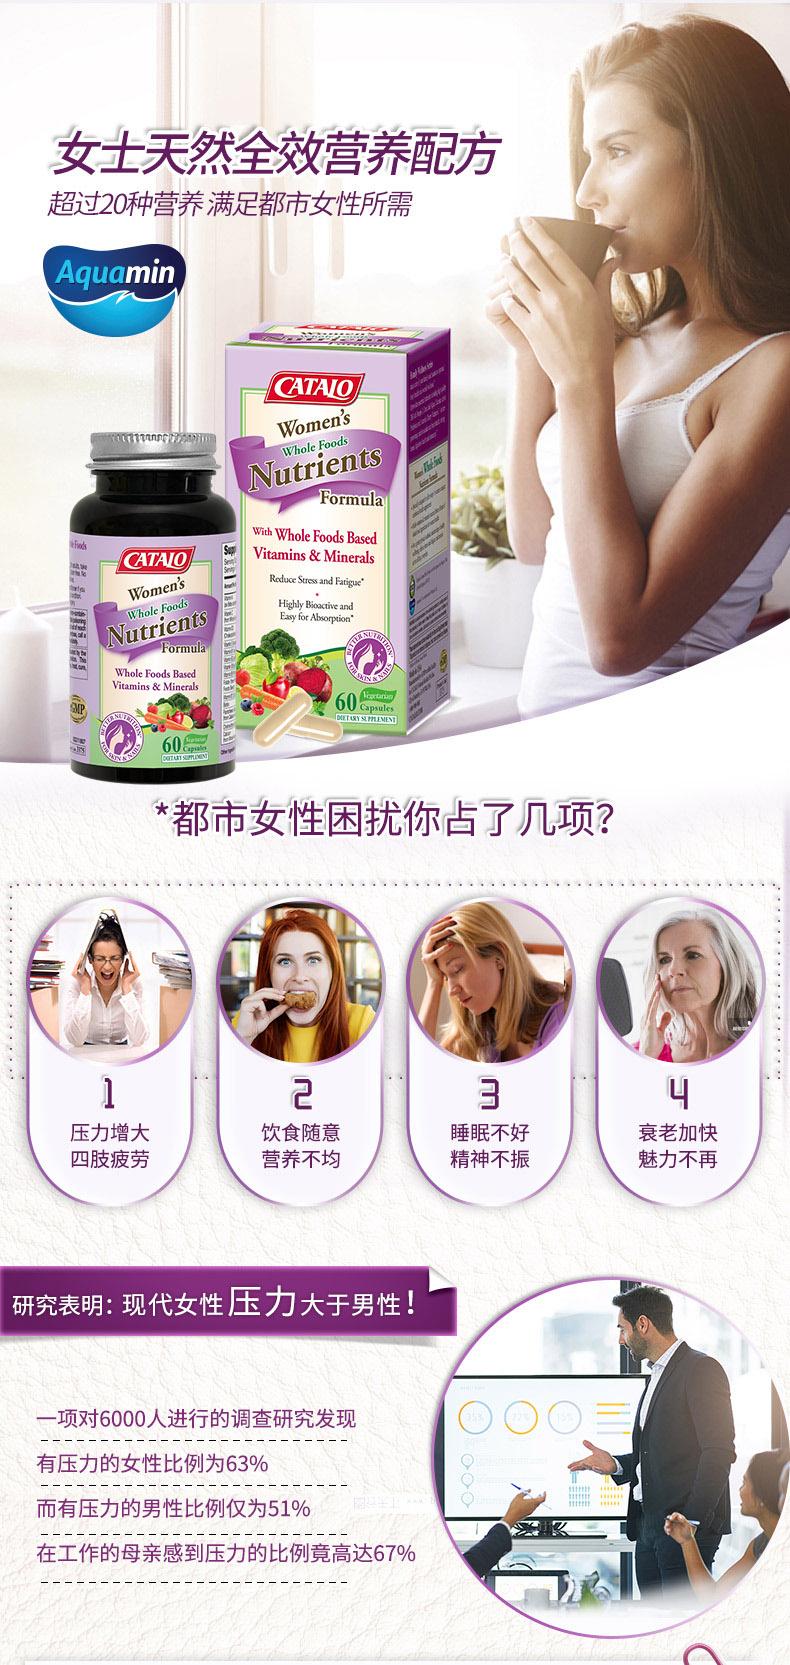 CATALO家得路美国进口女士天然营养配方多种维生素樱桃果蔬精华 产品系列 第1张